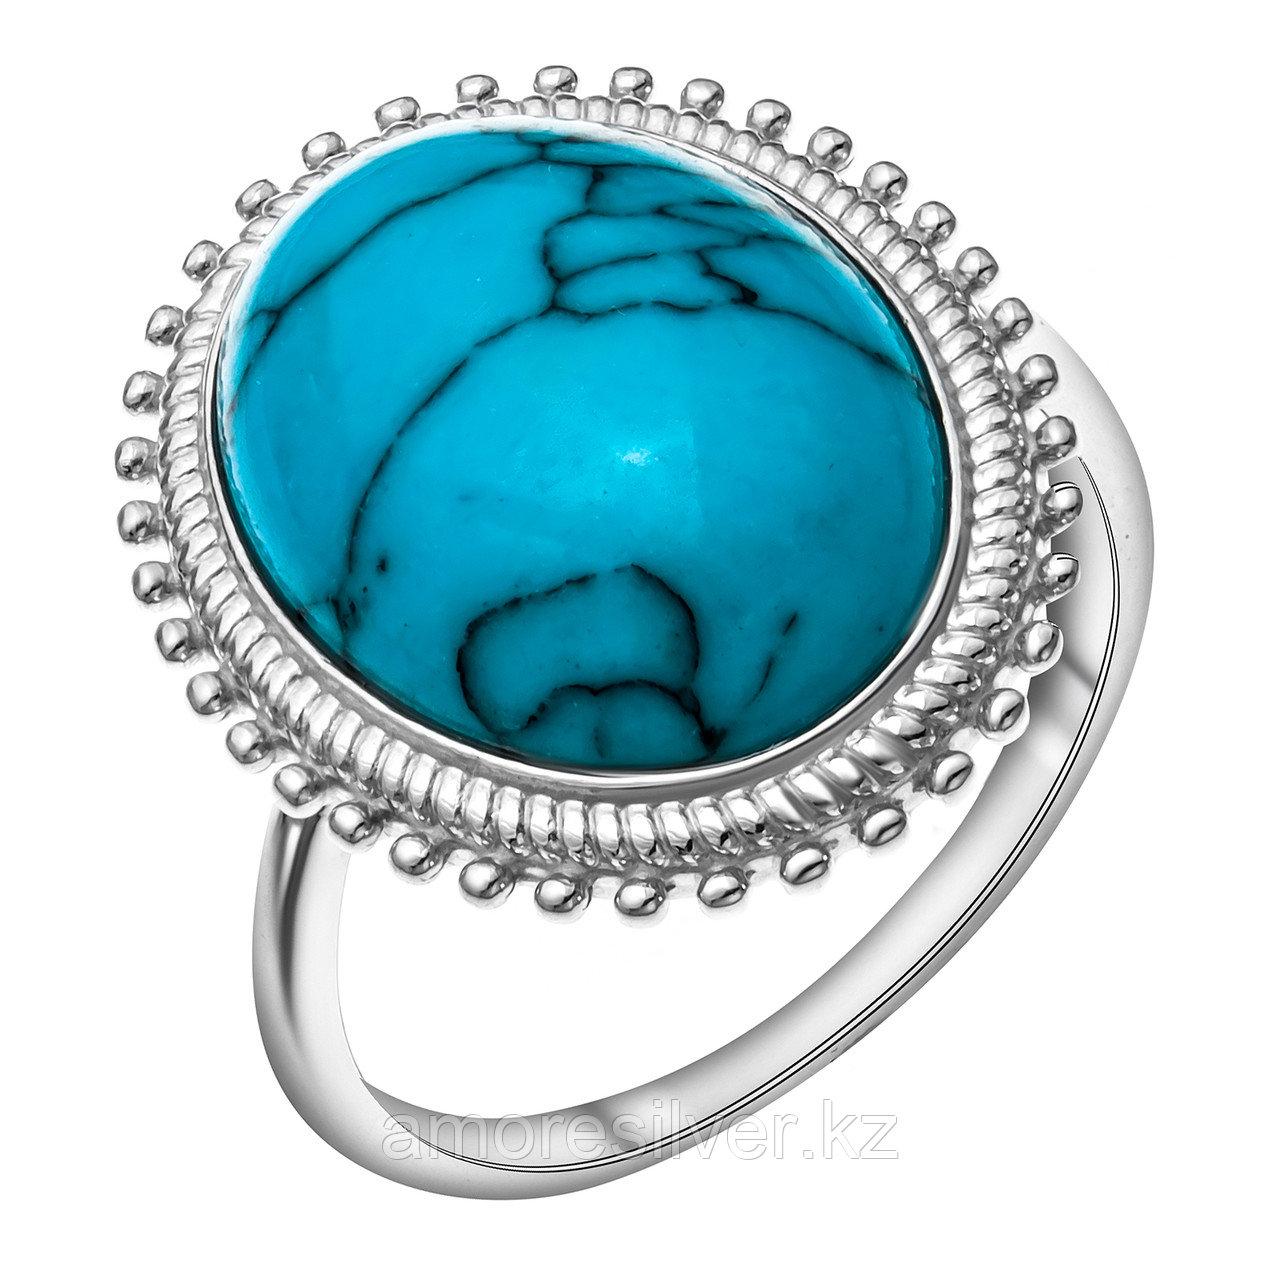 Серебряное кольцо с бирюзой  Приволжский Ювелир 251274-TQ размеры - 18,5